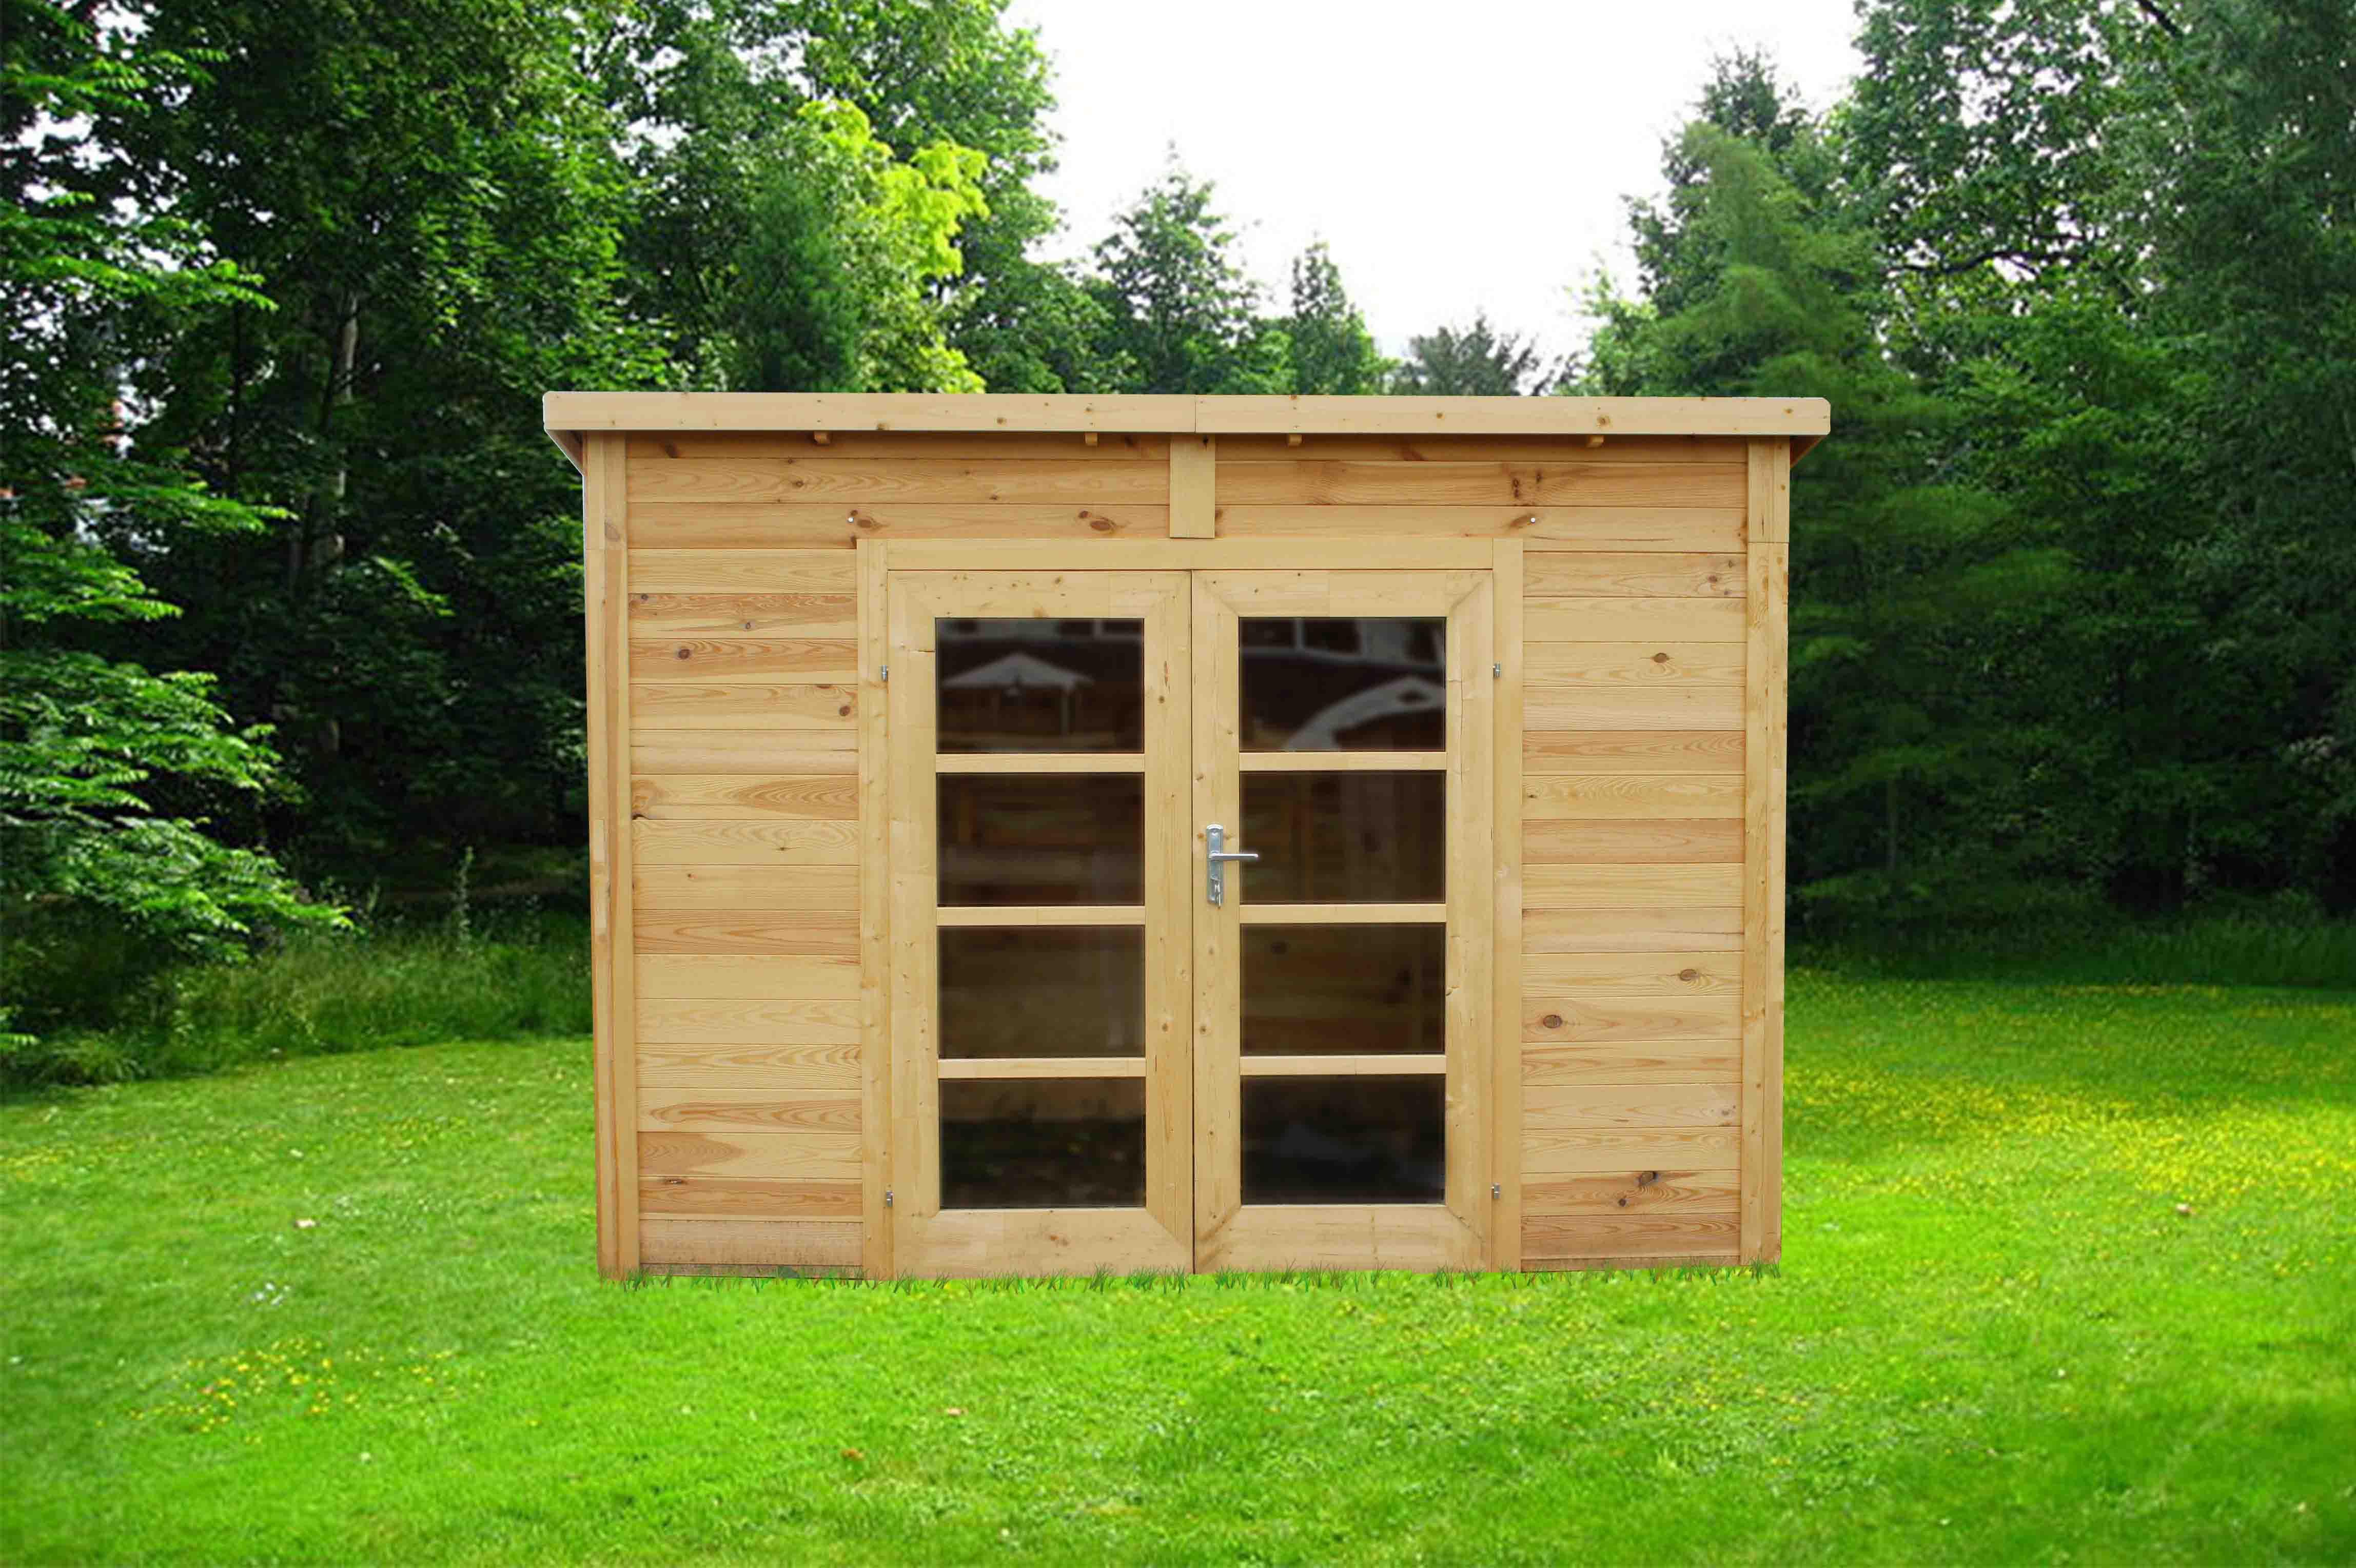 Chalet & Jardin Boutique : Abri En Bois Toit Plat Capanna® 6 M² à Abri De Jardin Bois Toit Plat